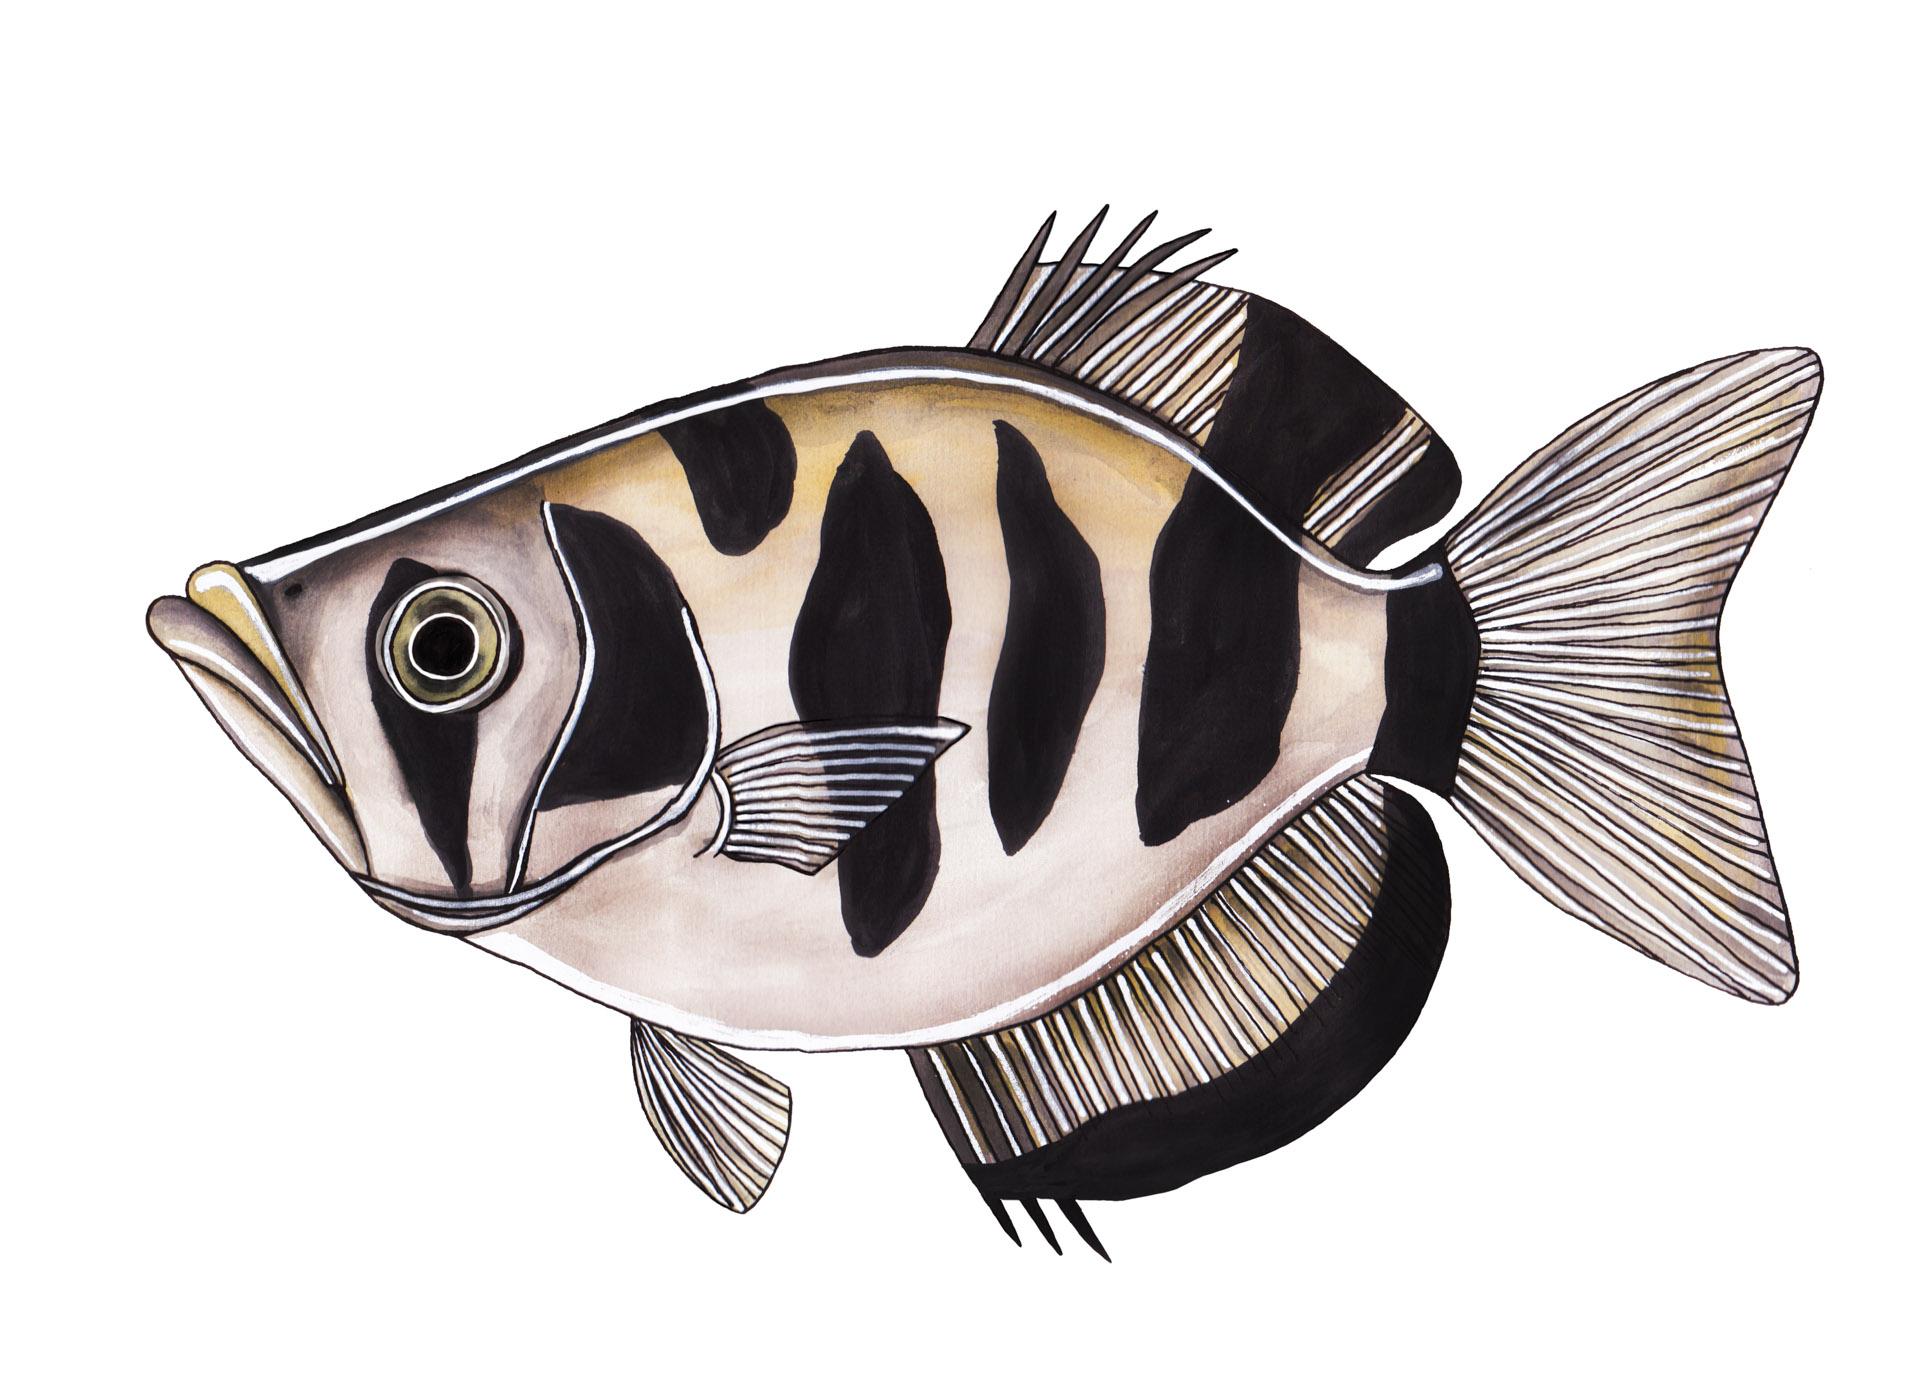 Schuttersvis